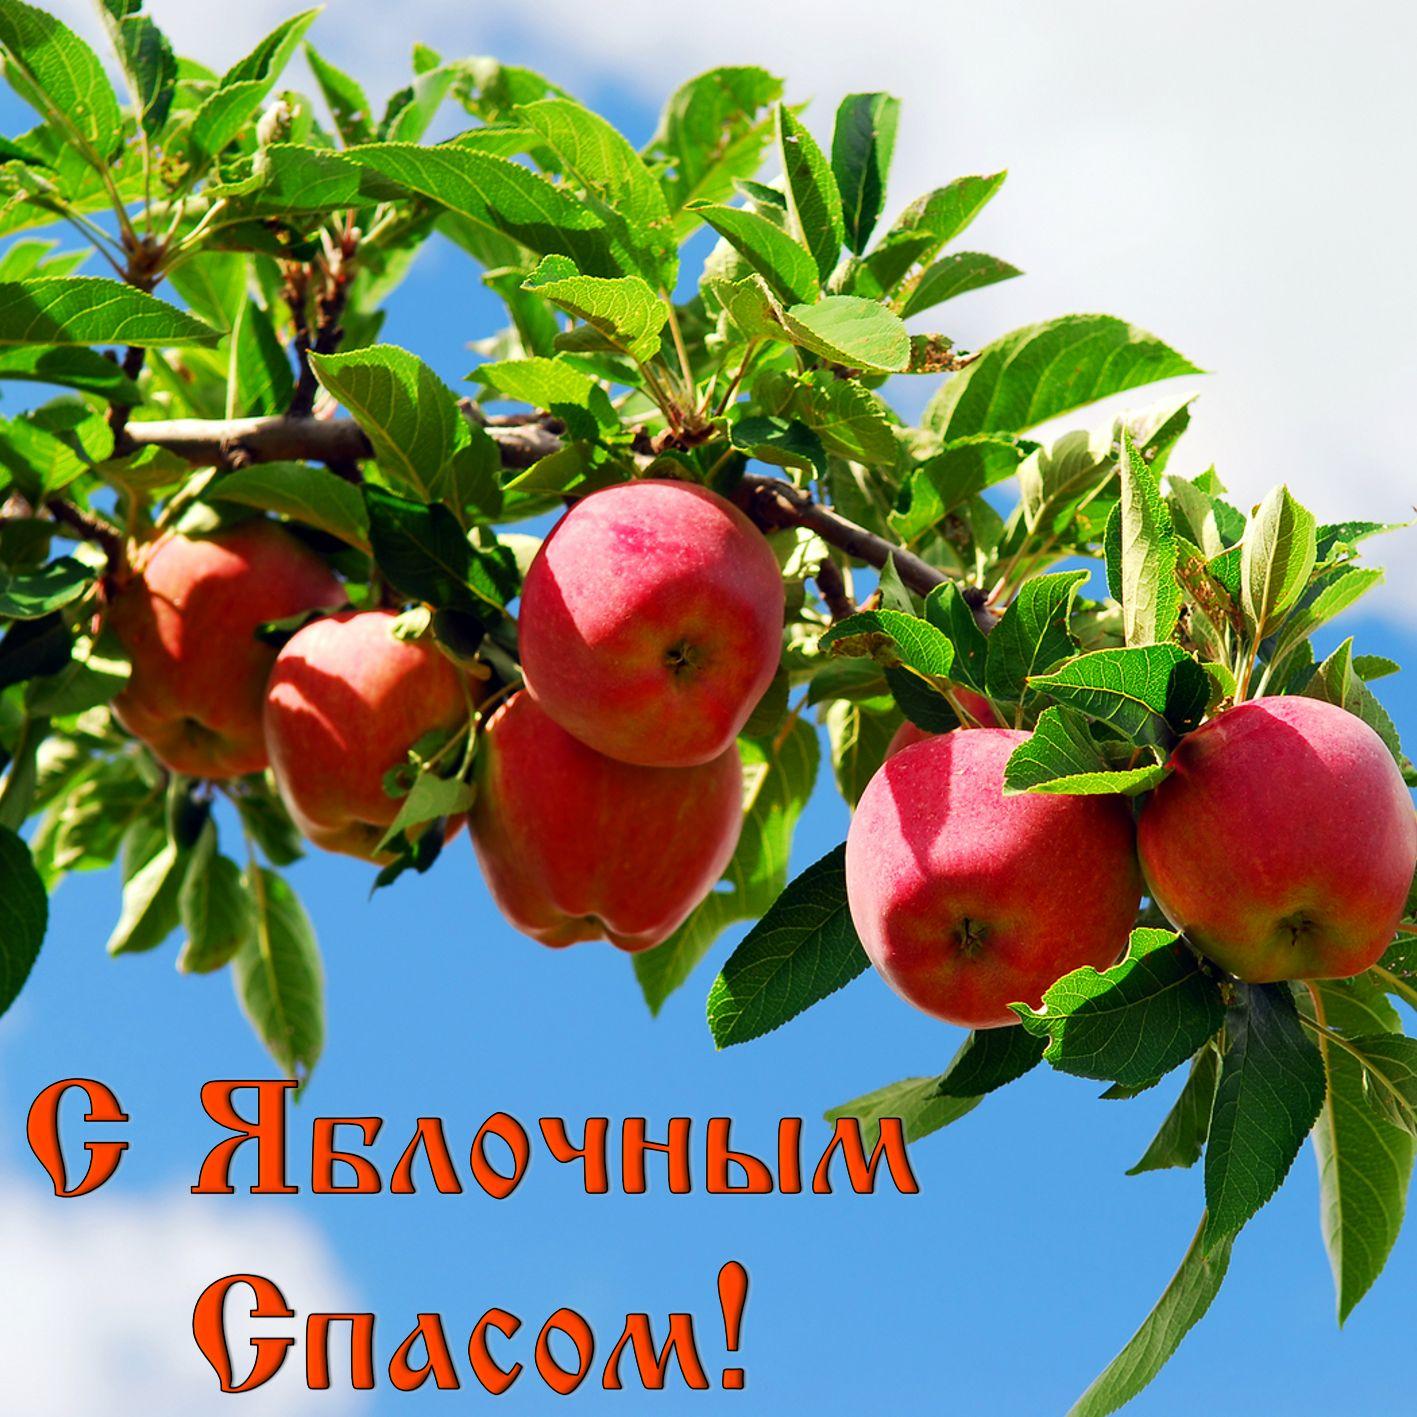 Открытка на Яблочный Спас - ветка с яблоками на фоне неба